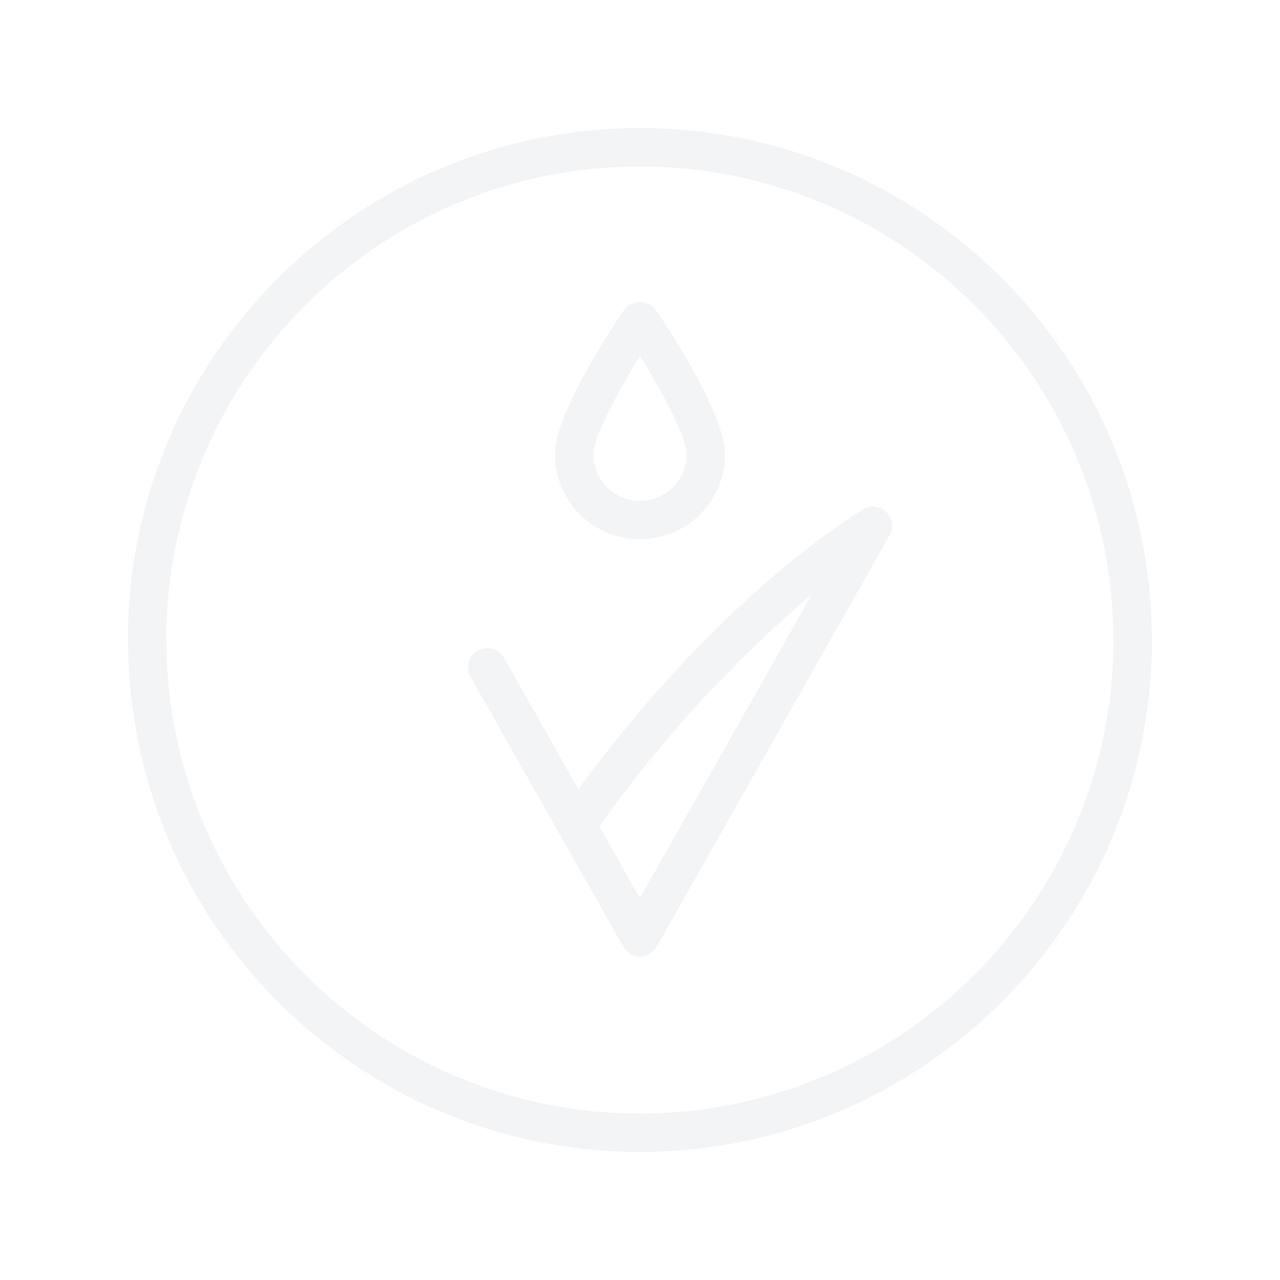 Dr. Hauschka Косметическое средство для интенсивного ухода за зрелой кожей 40ml